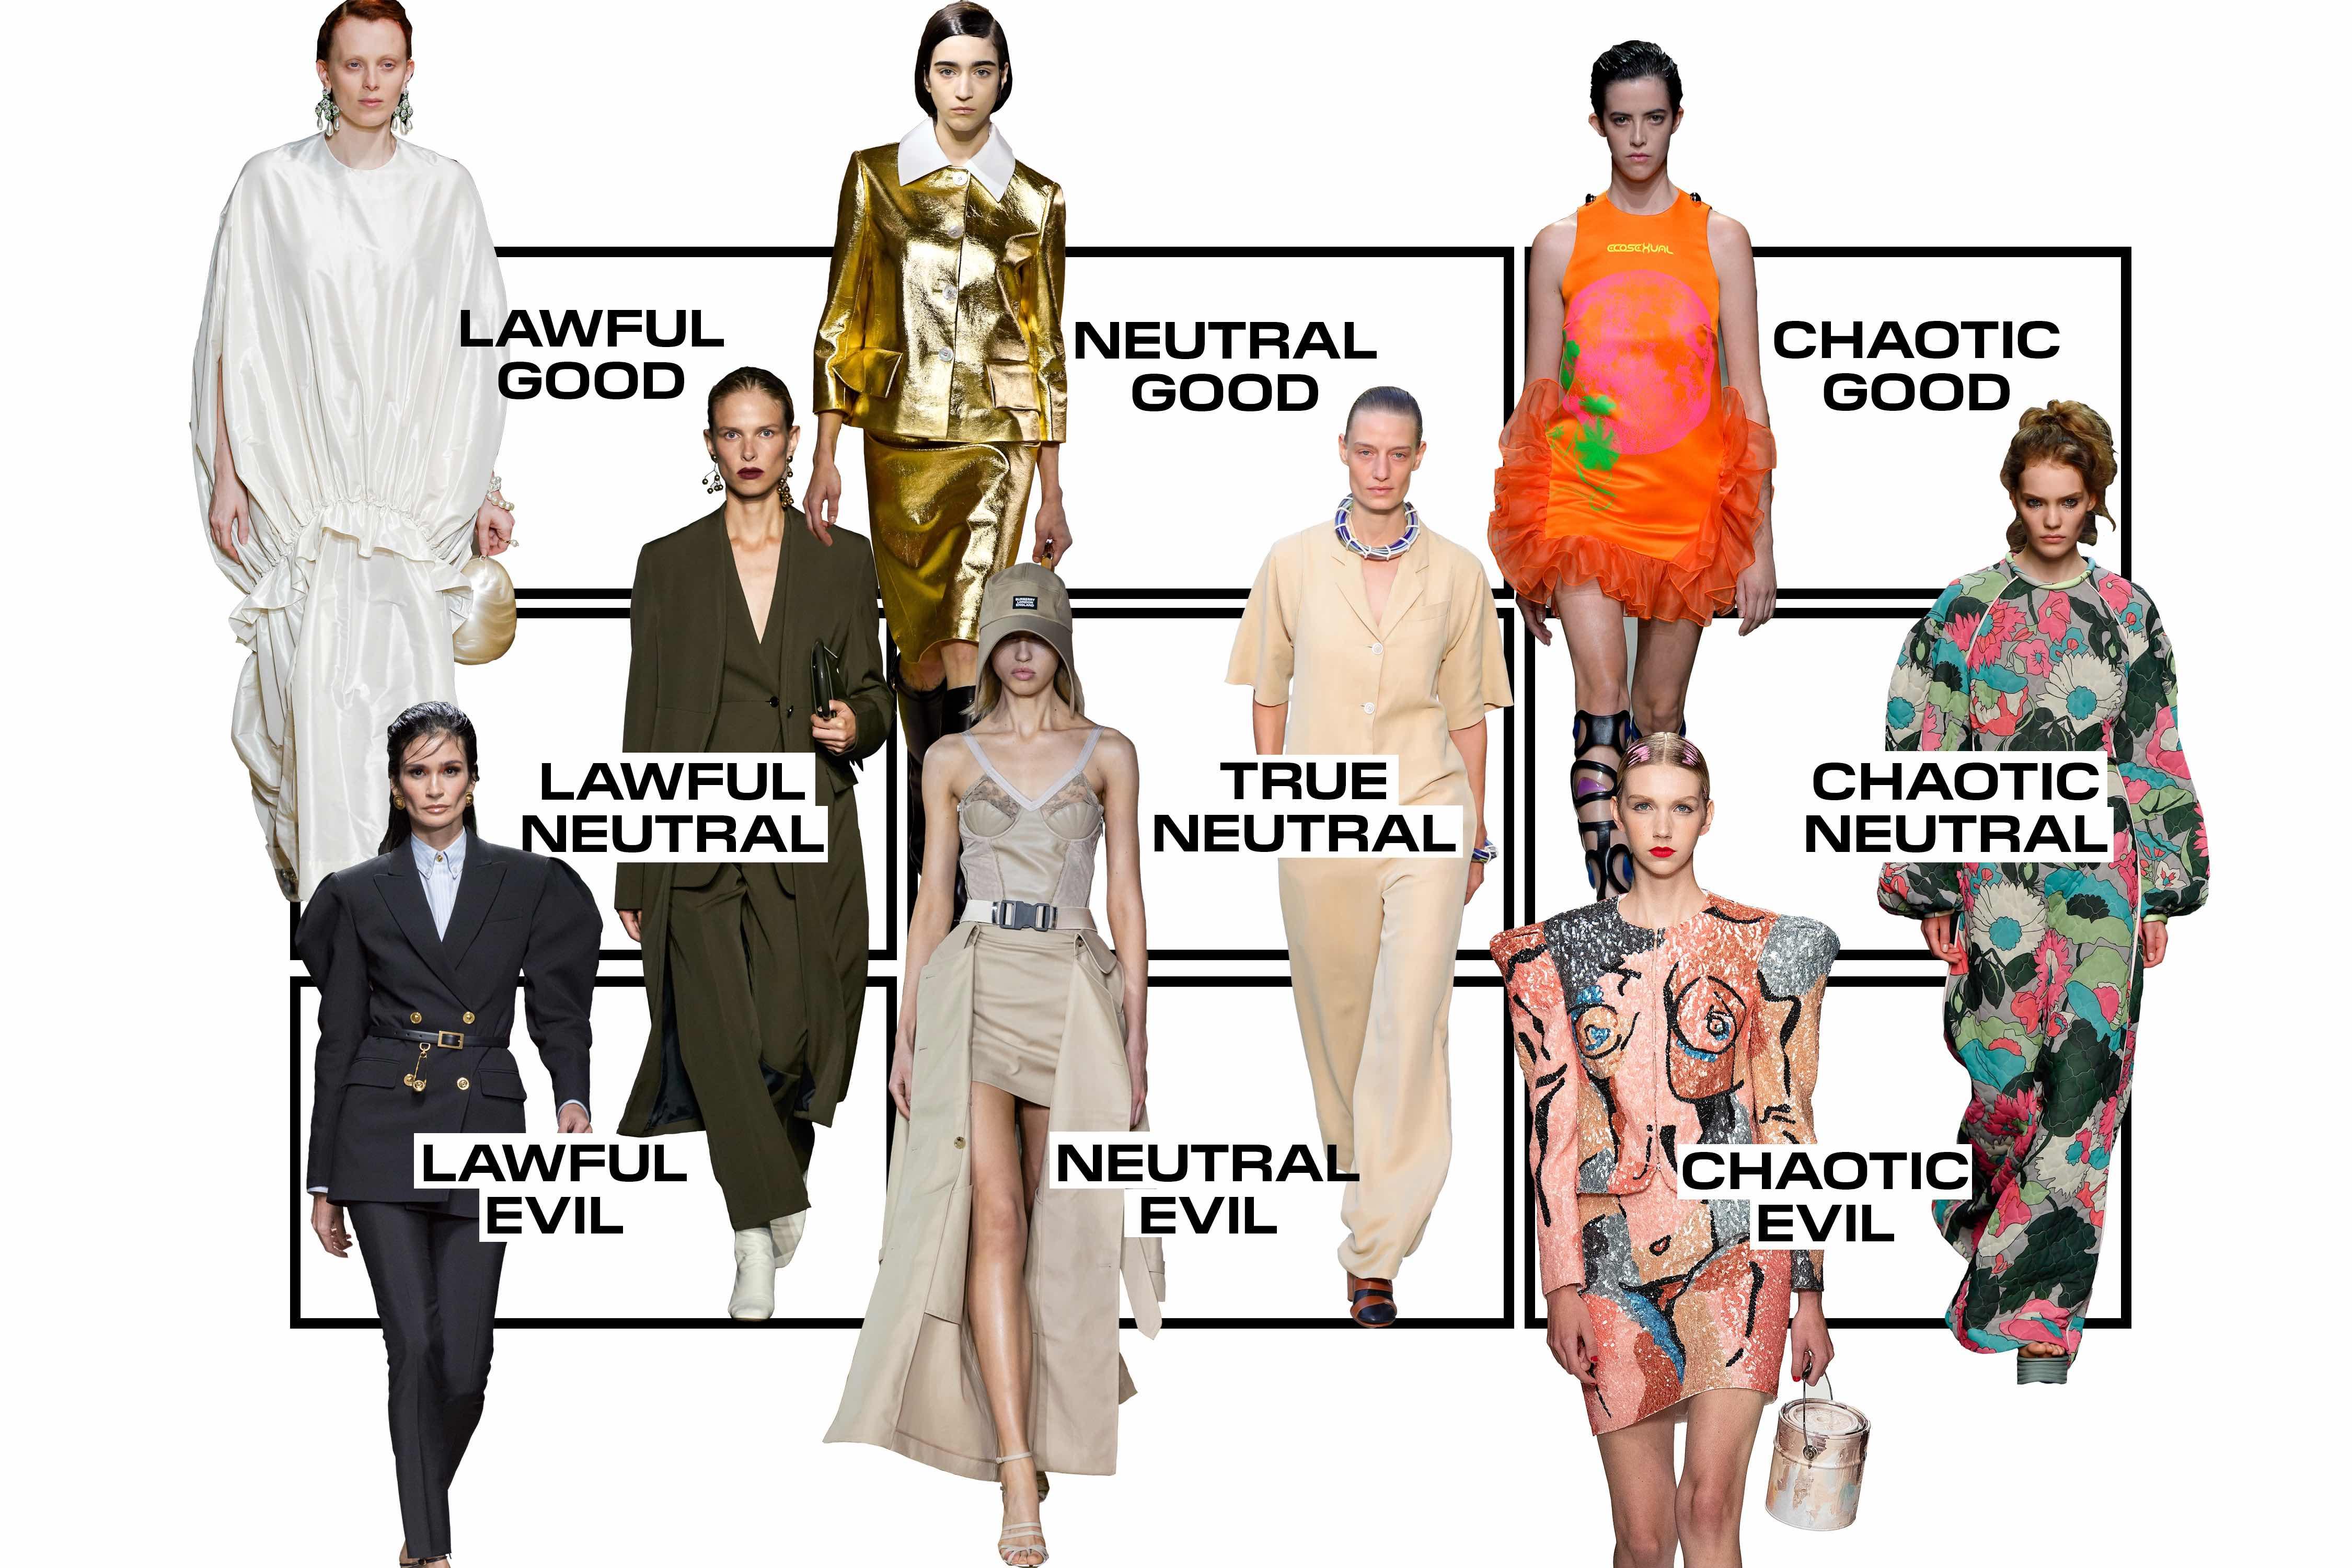 """疫情结束 时尚再起!让知名时装设计师教你""""真正的时尚""""!"""